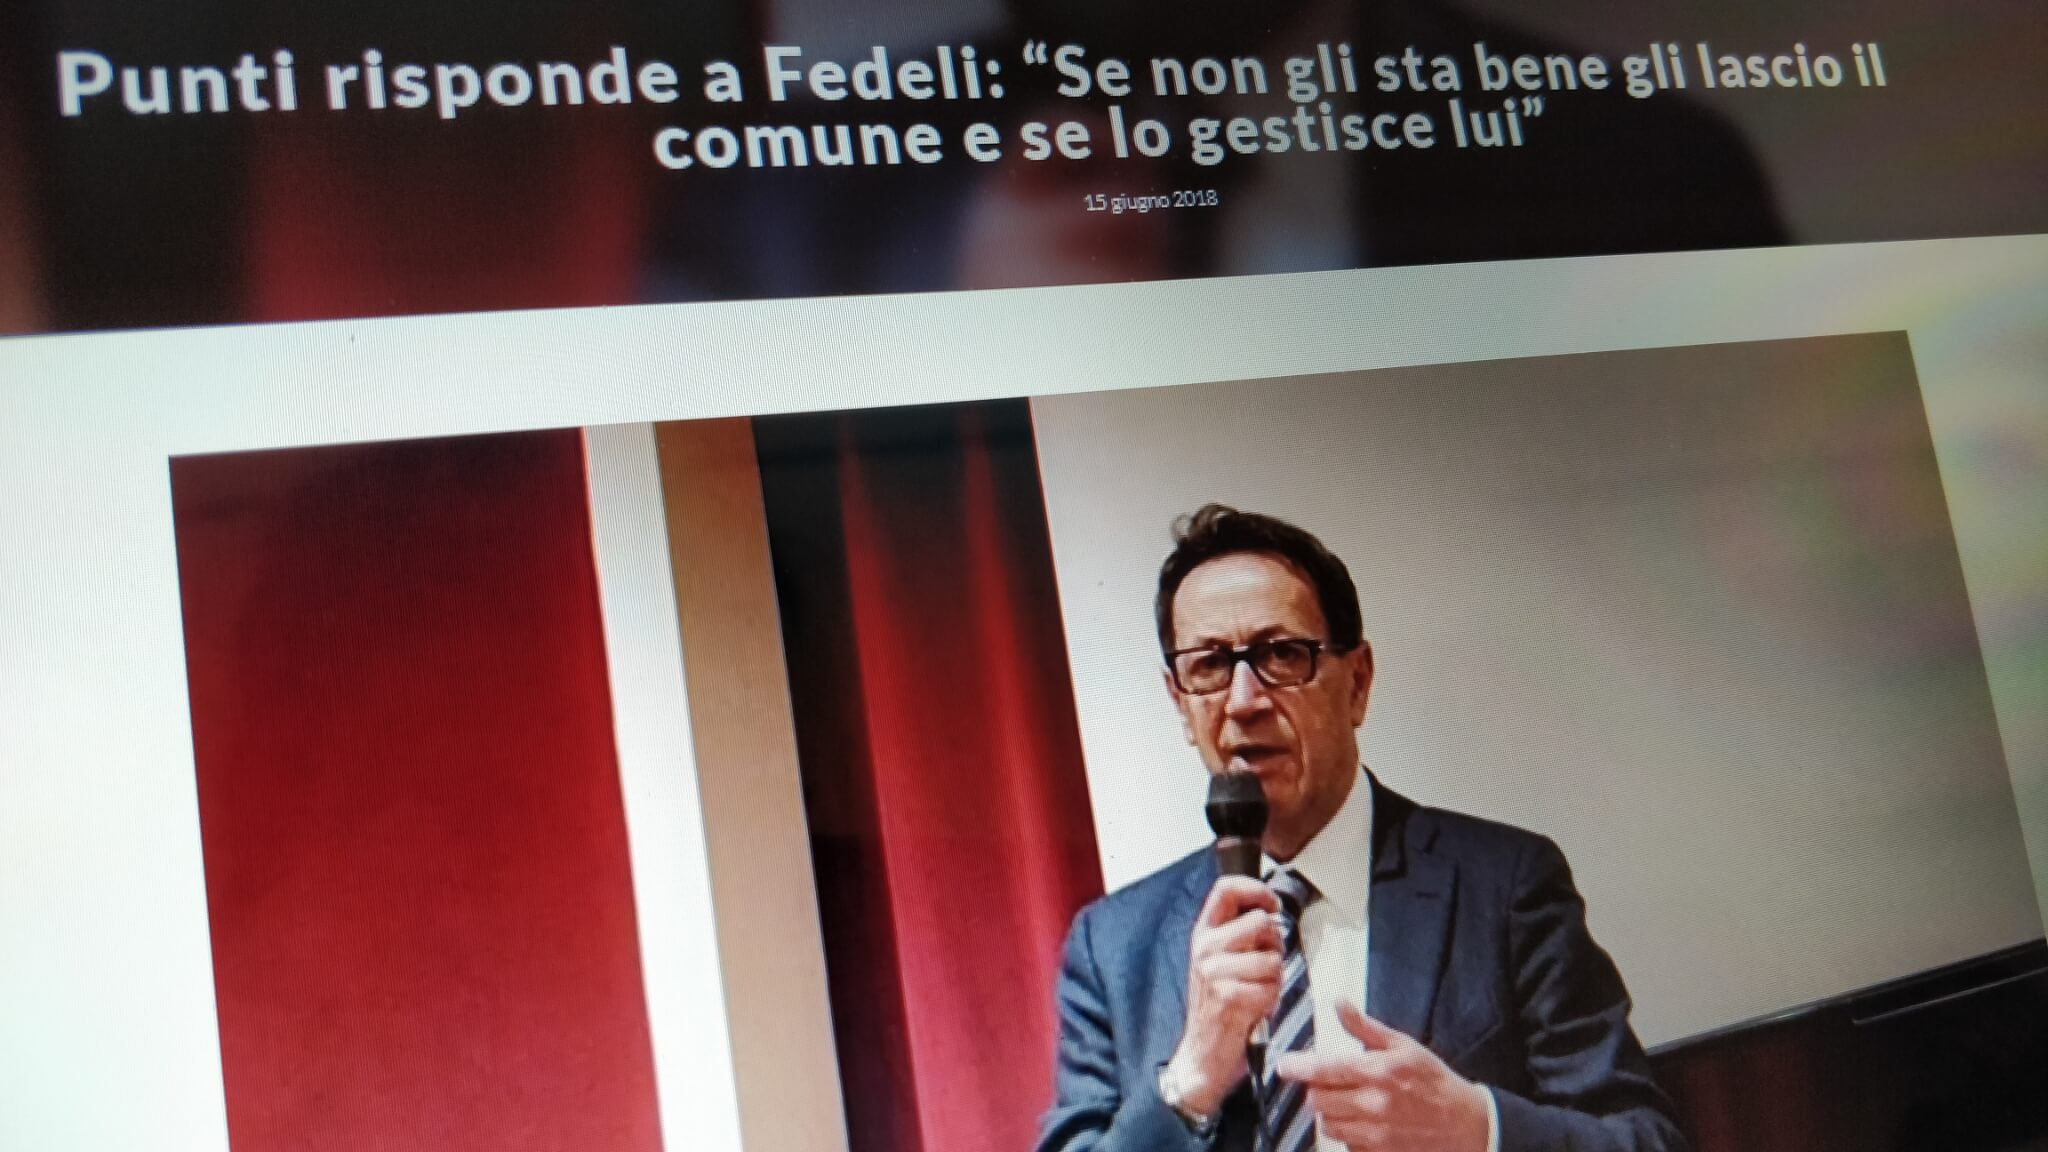 Piunti vs Fedeli